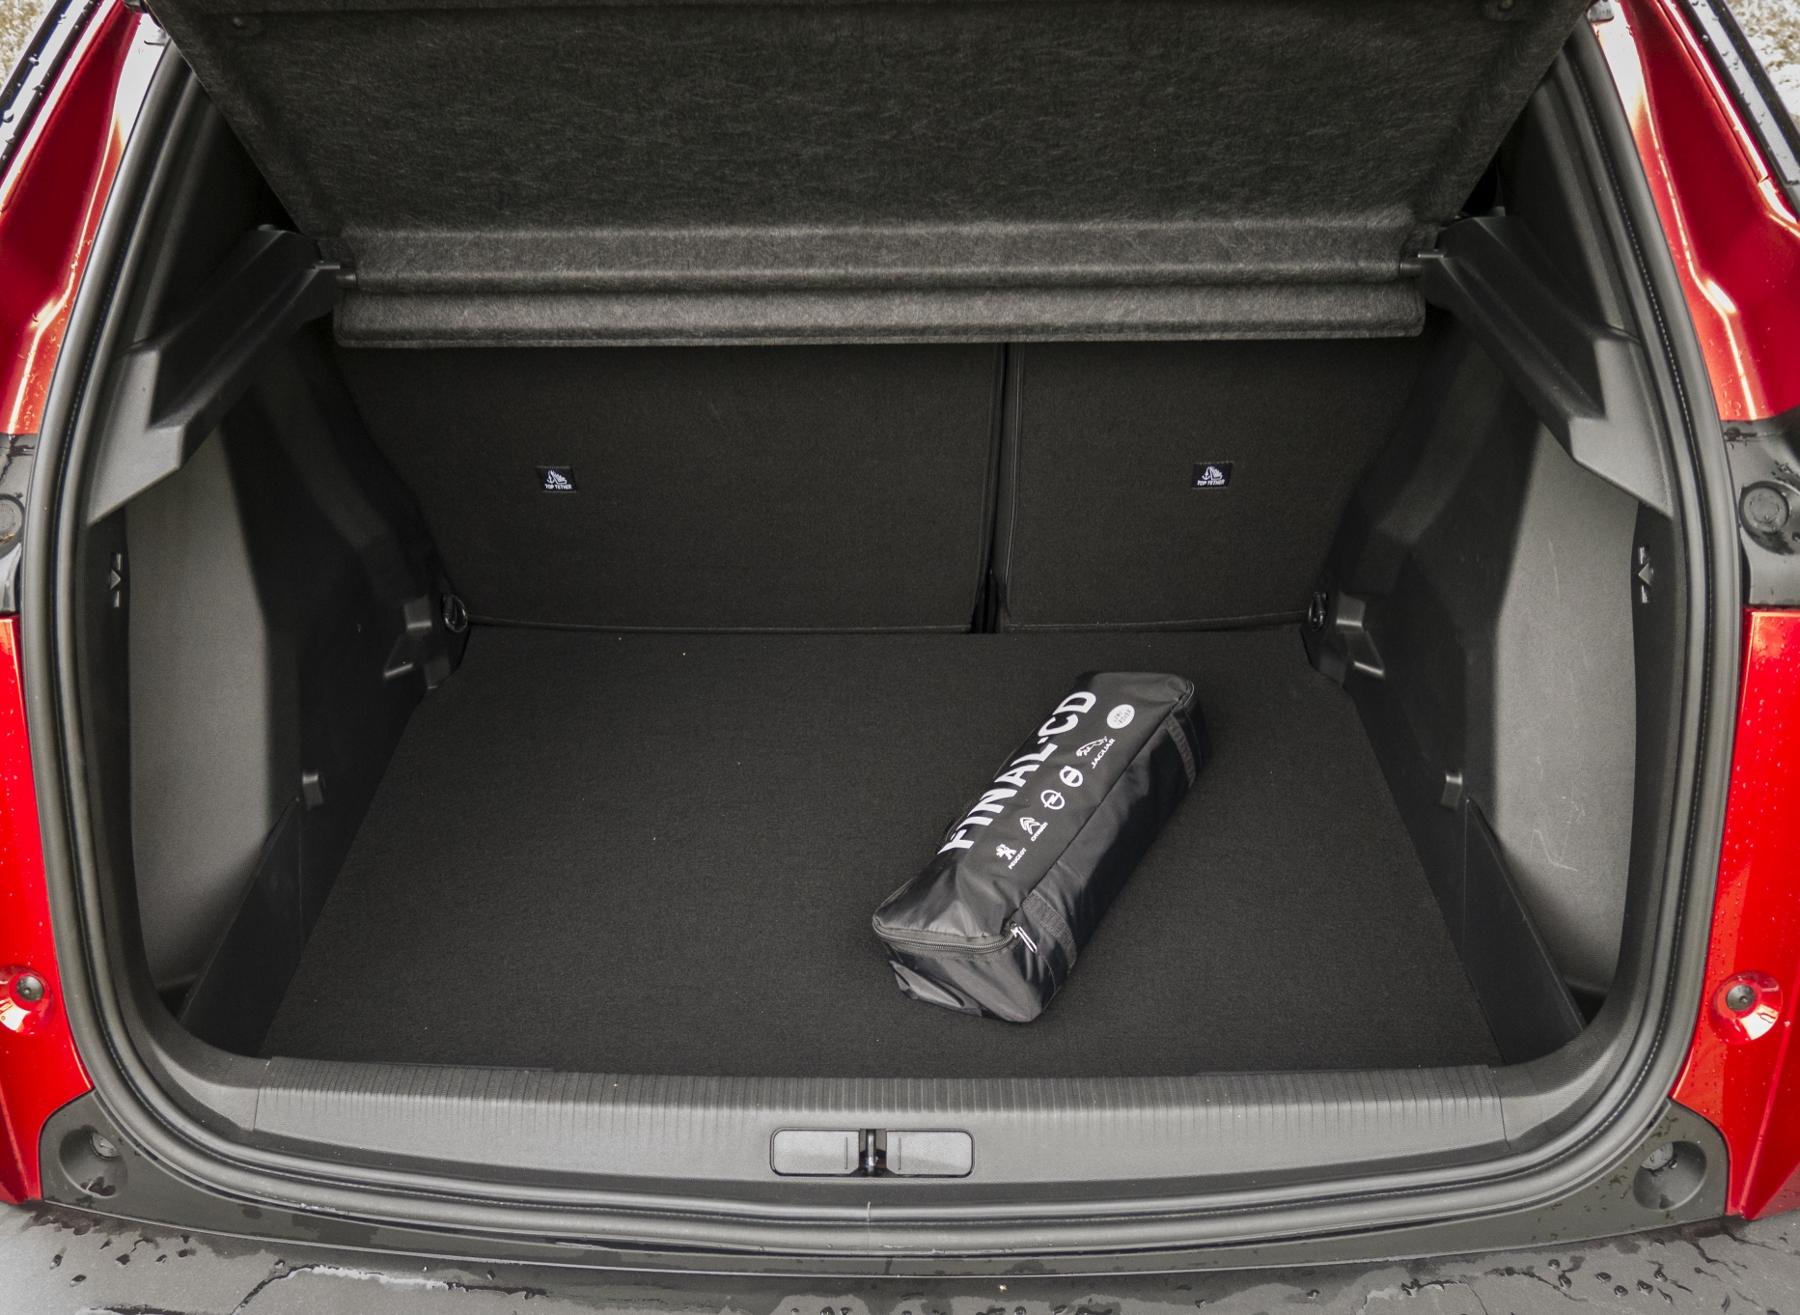 Test: Peugeot 2008 GT ohuruje silným trojvalcom a dobrou prevodovkou 3PvbXDcHAh peugeot-2008-42